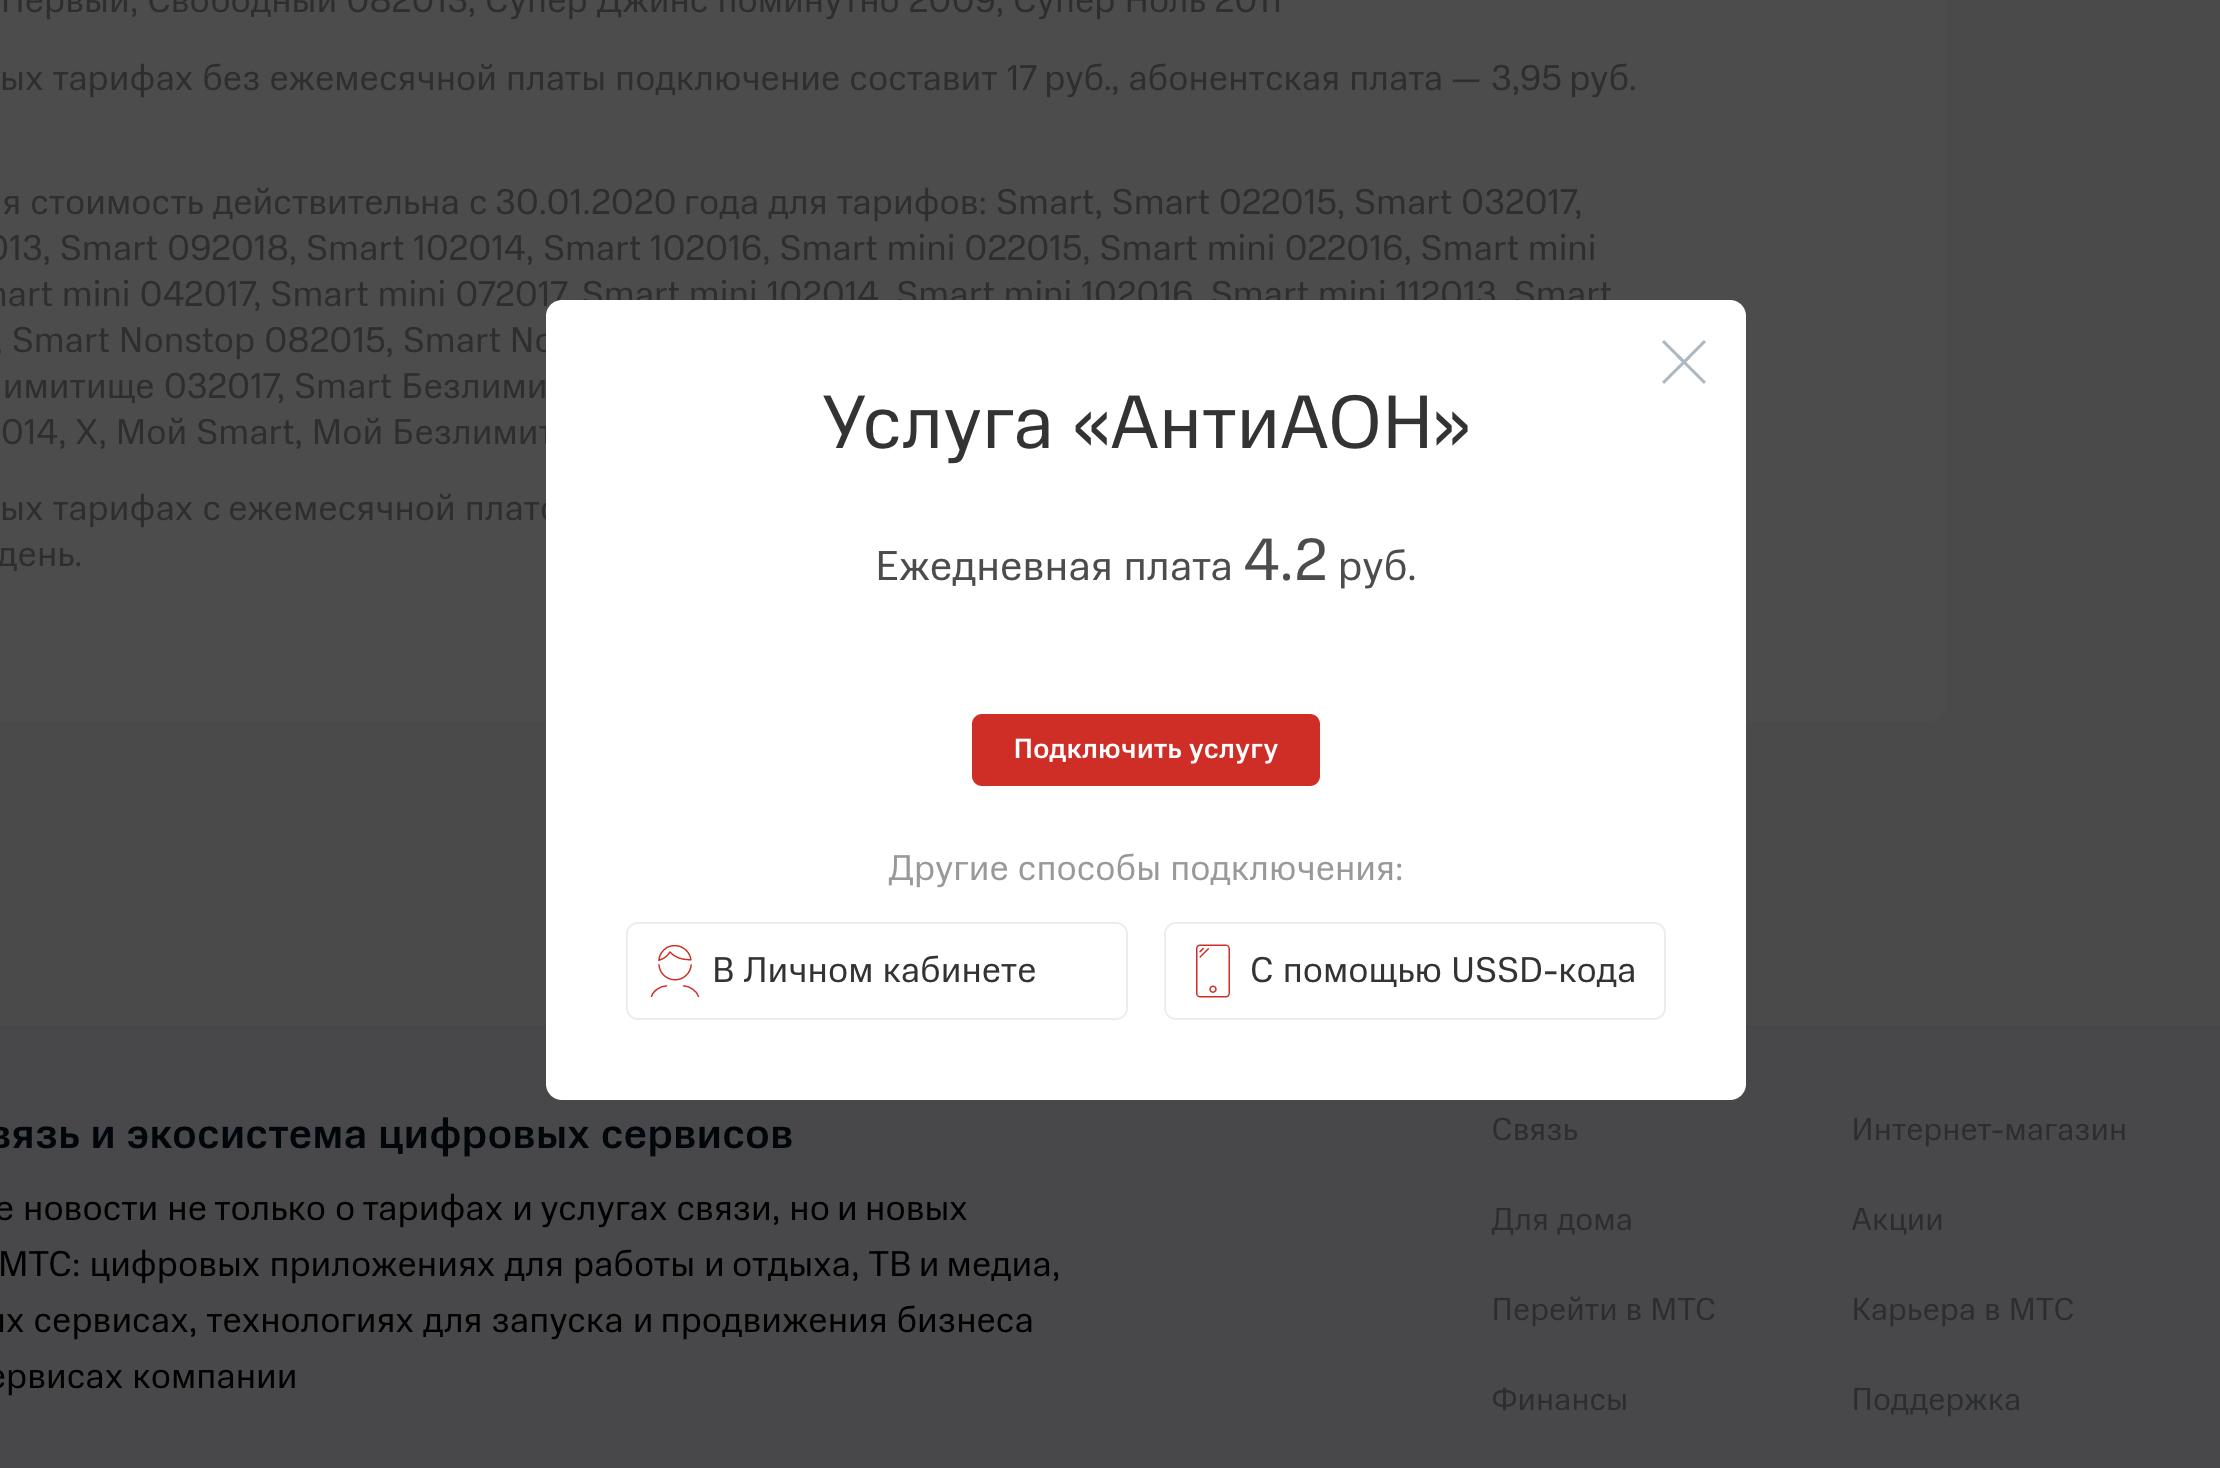 подключение скрытого номера МТС с услугами «АнтиАОН» и «АнтиАОН по запросу»